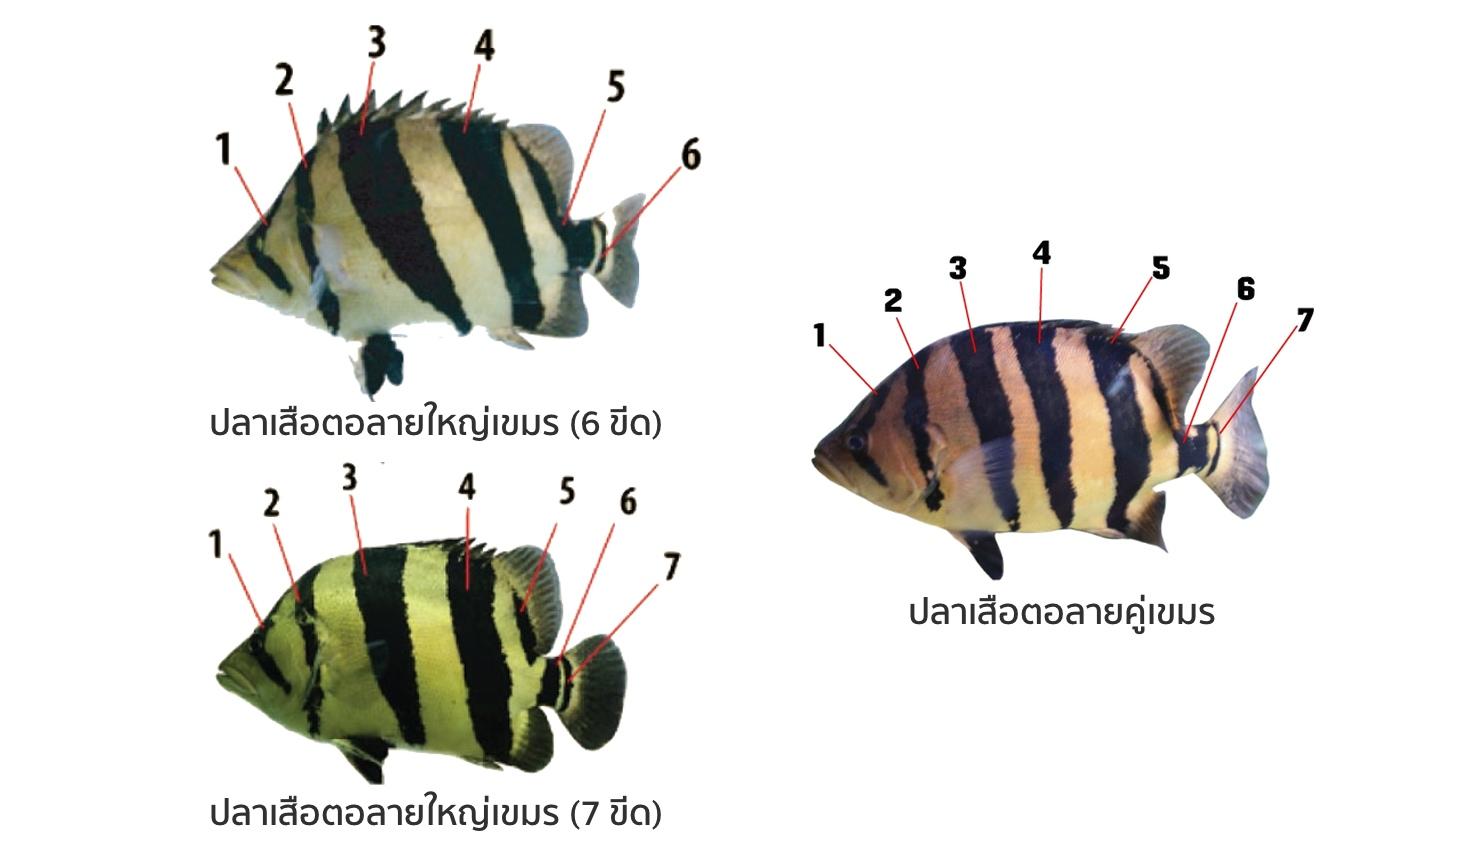 เปรียบเทียบปลาเสือตอลายใหญ่และลายคู่